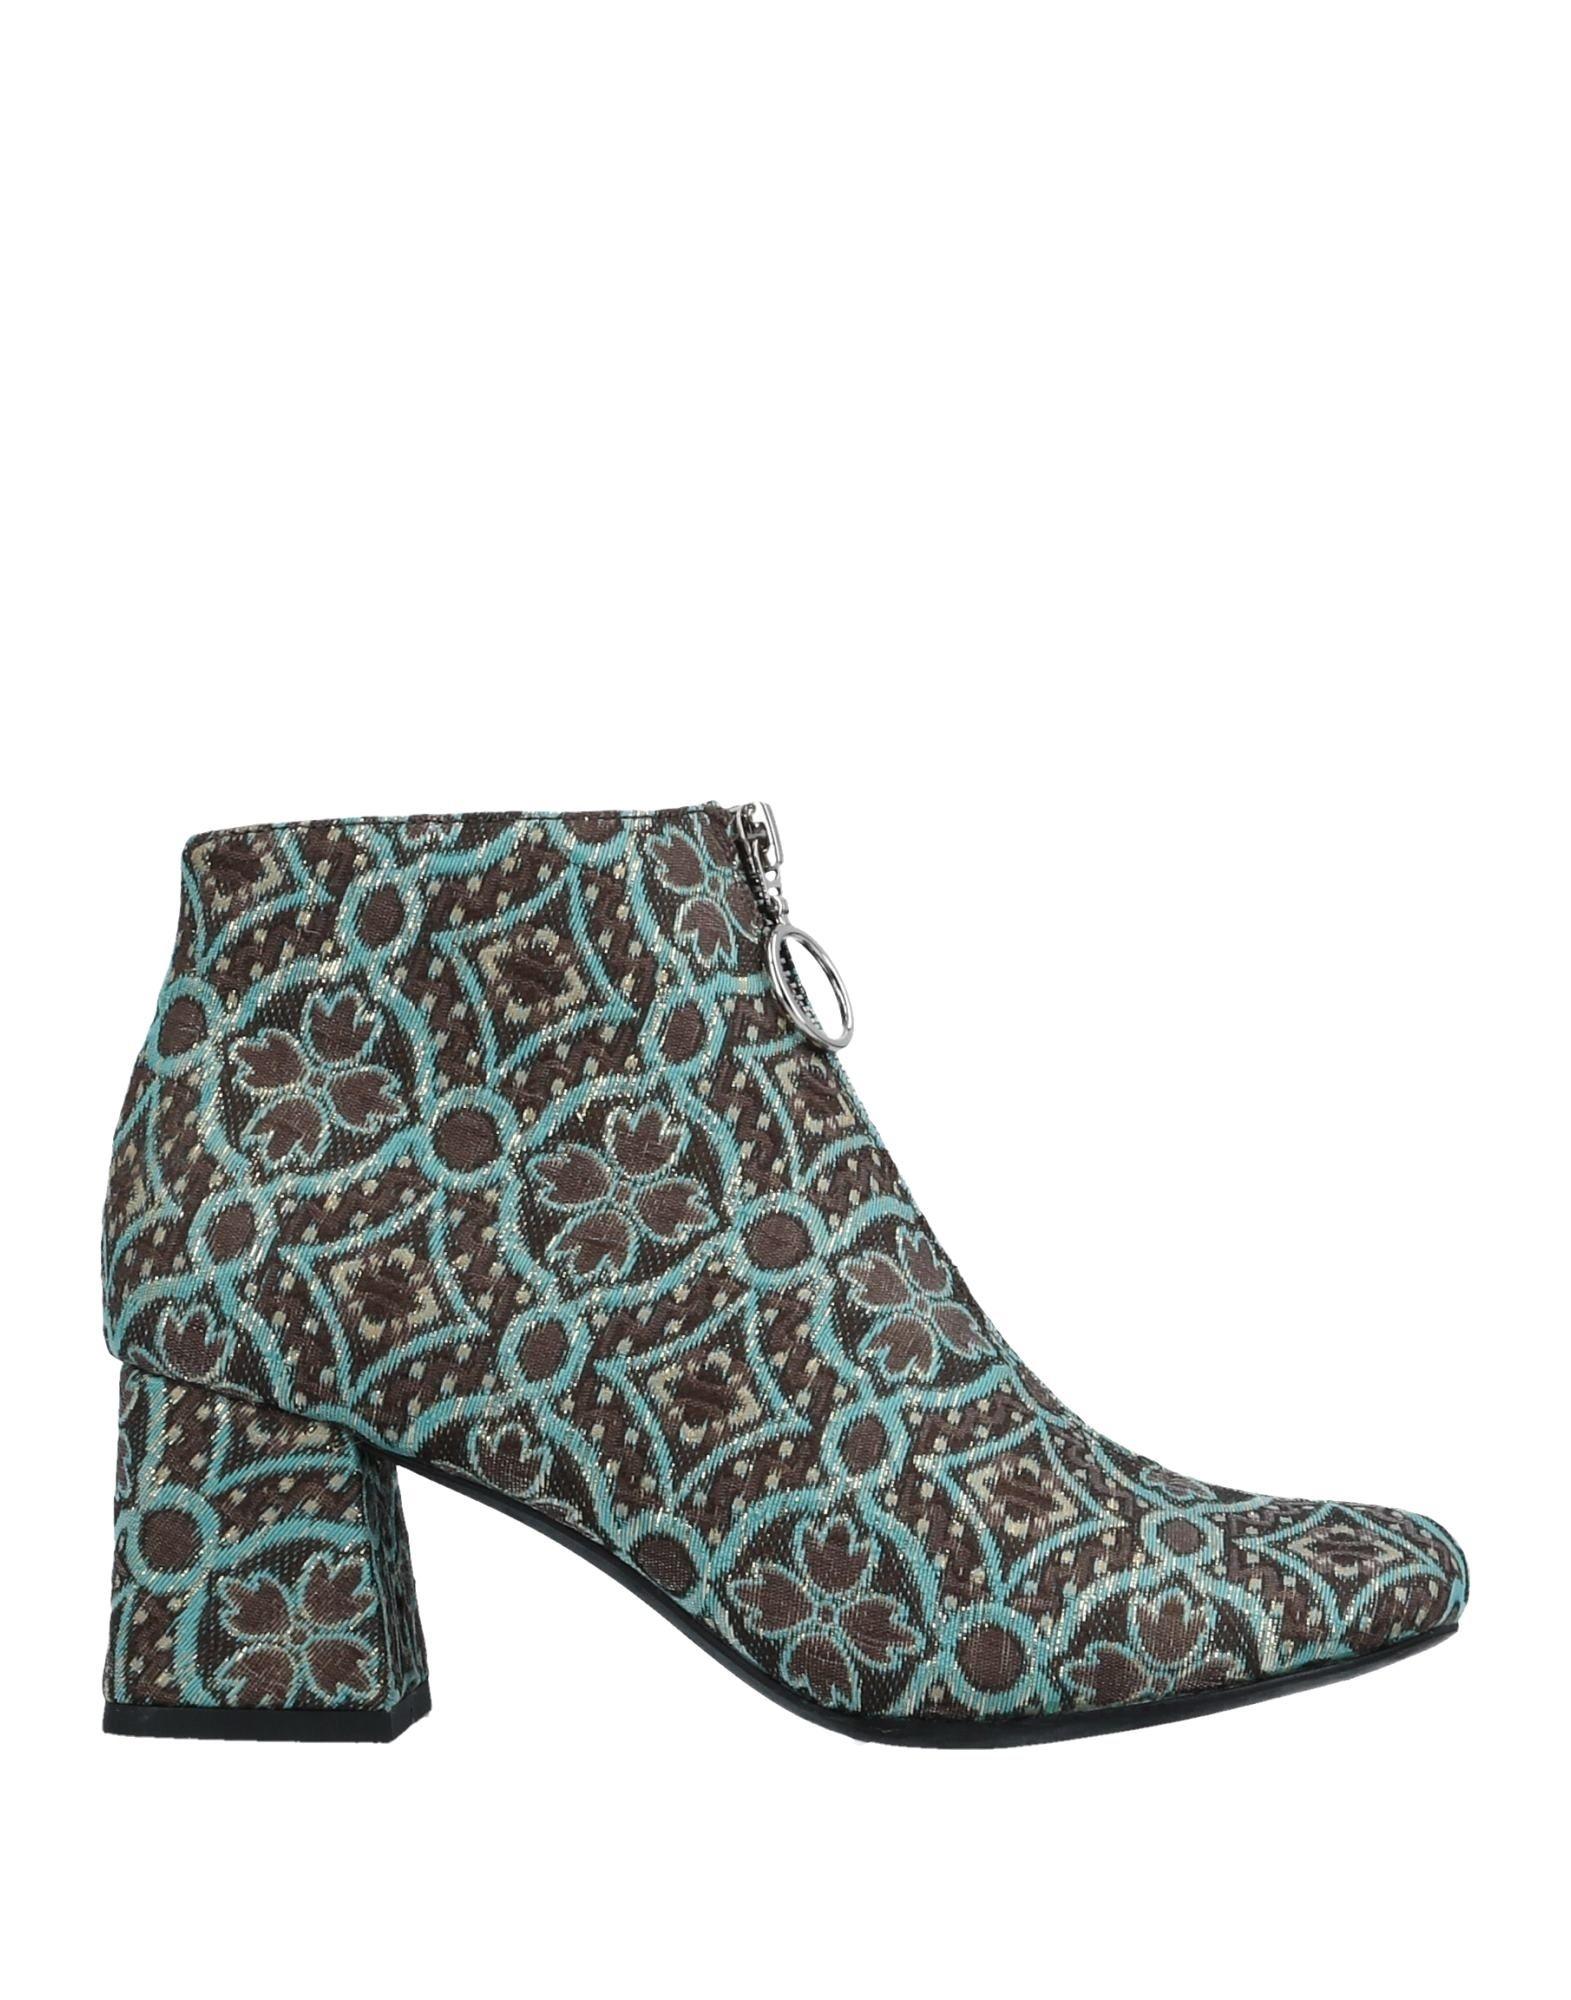 Gut um Stiefelette billige Schuhe zu tragenJeffrey Campbell Stiefelette um Damen  11508680IV ace6d7